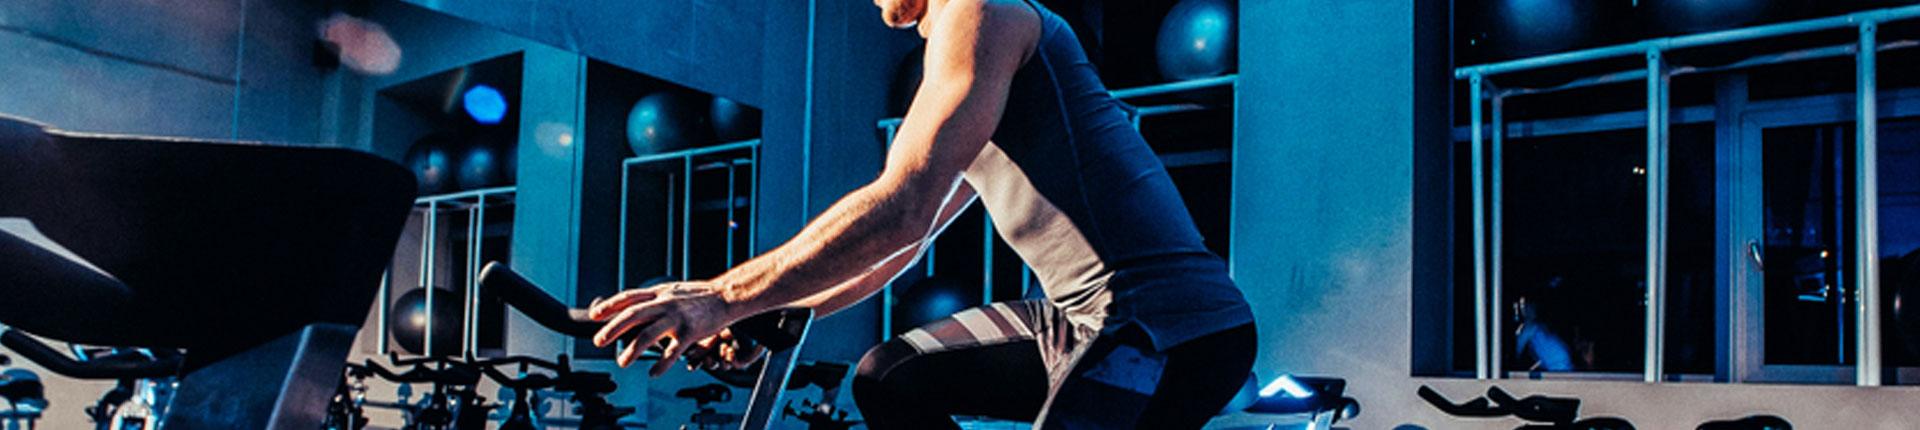 Witamina C w sporcie i zdrowiu osób aktywnych